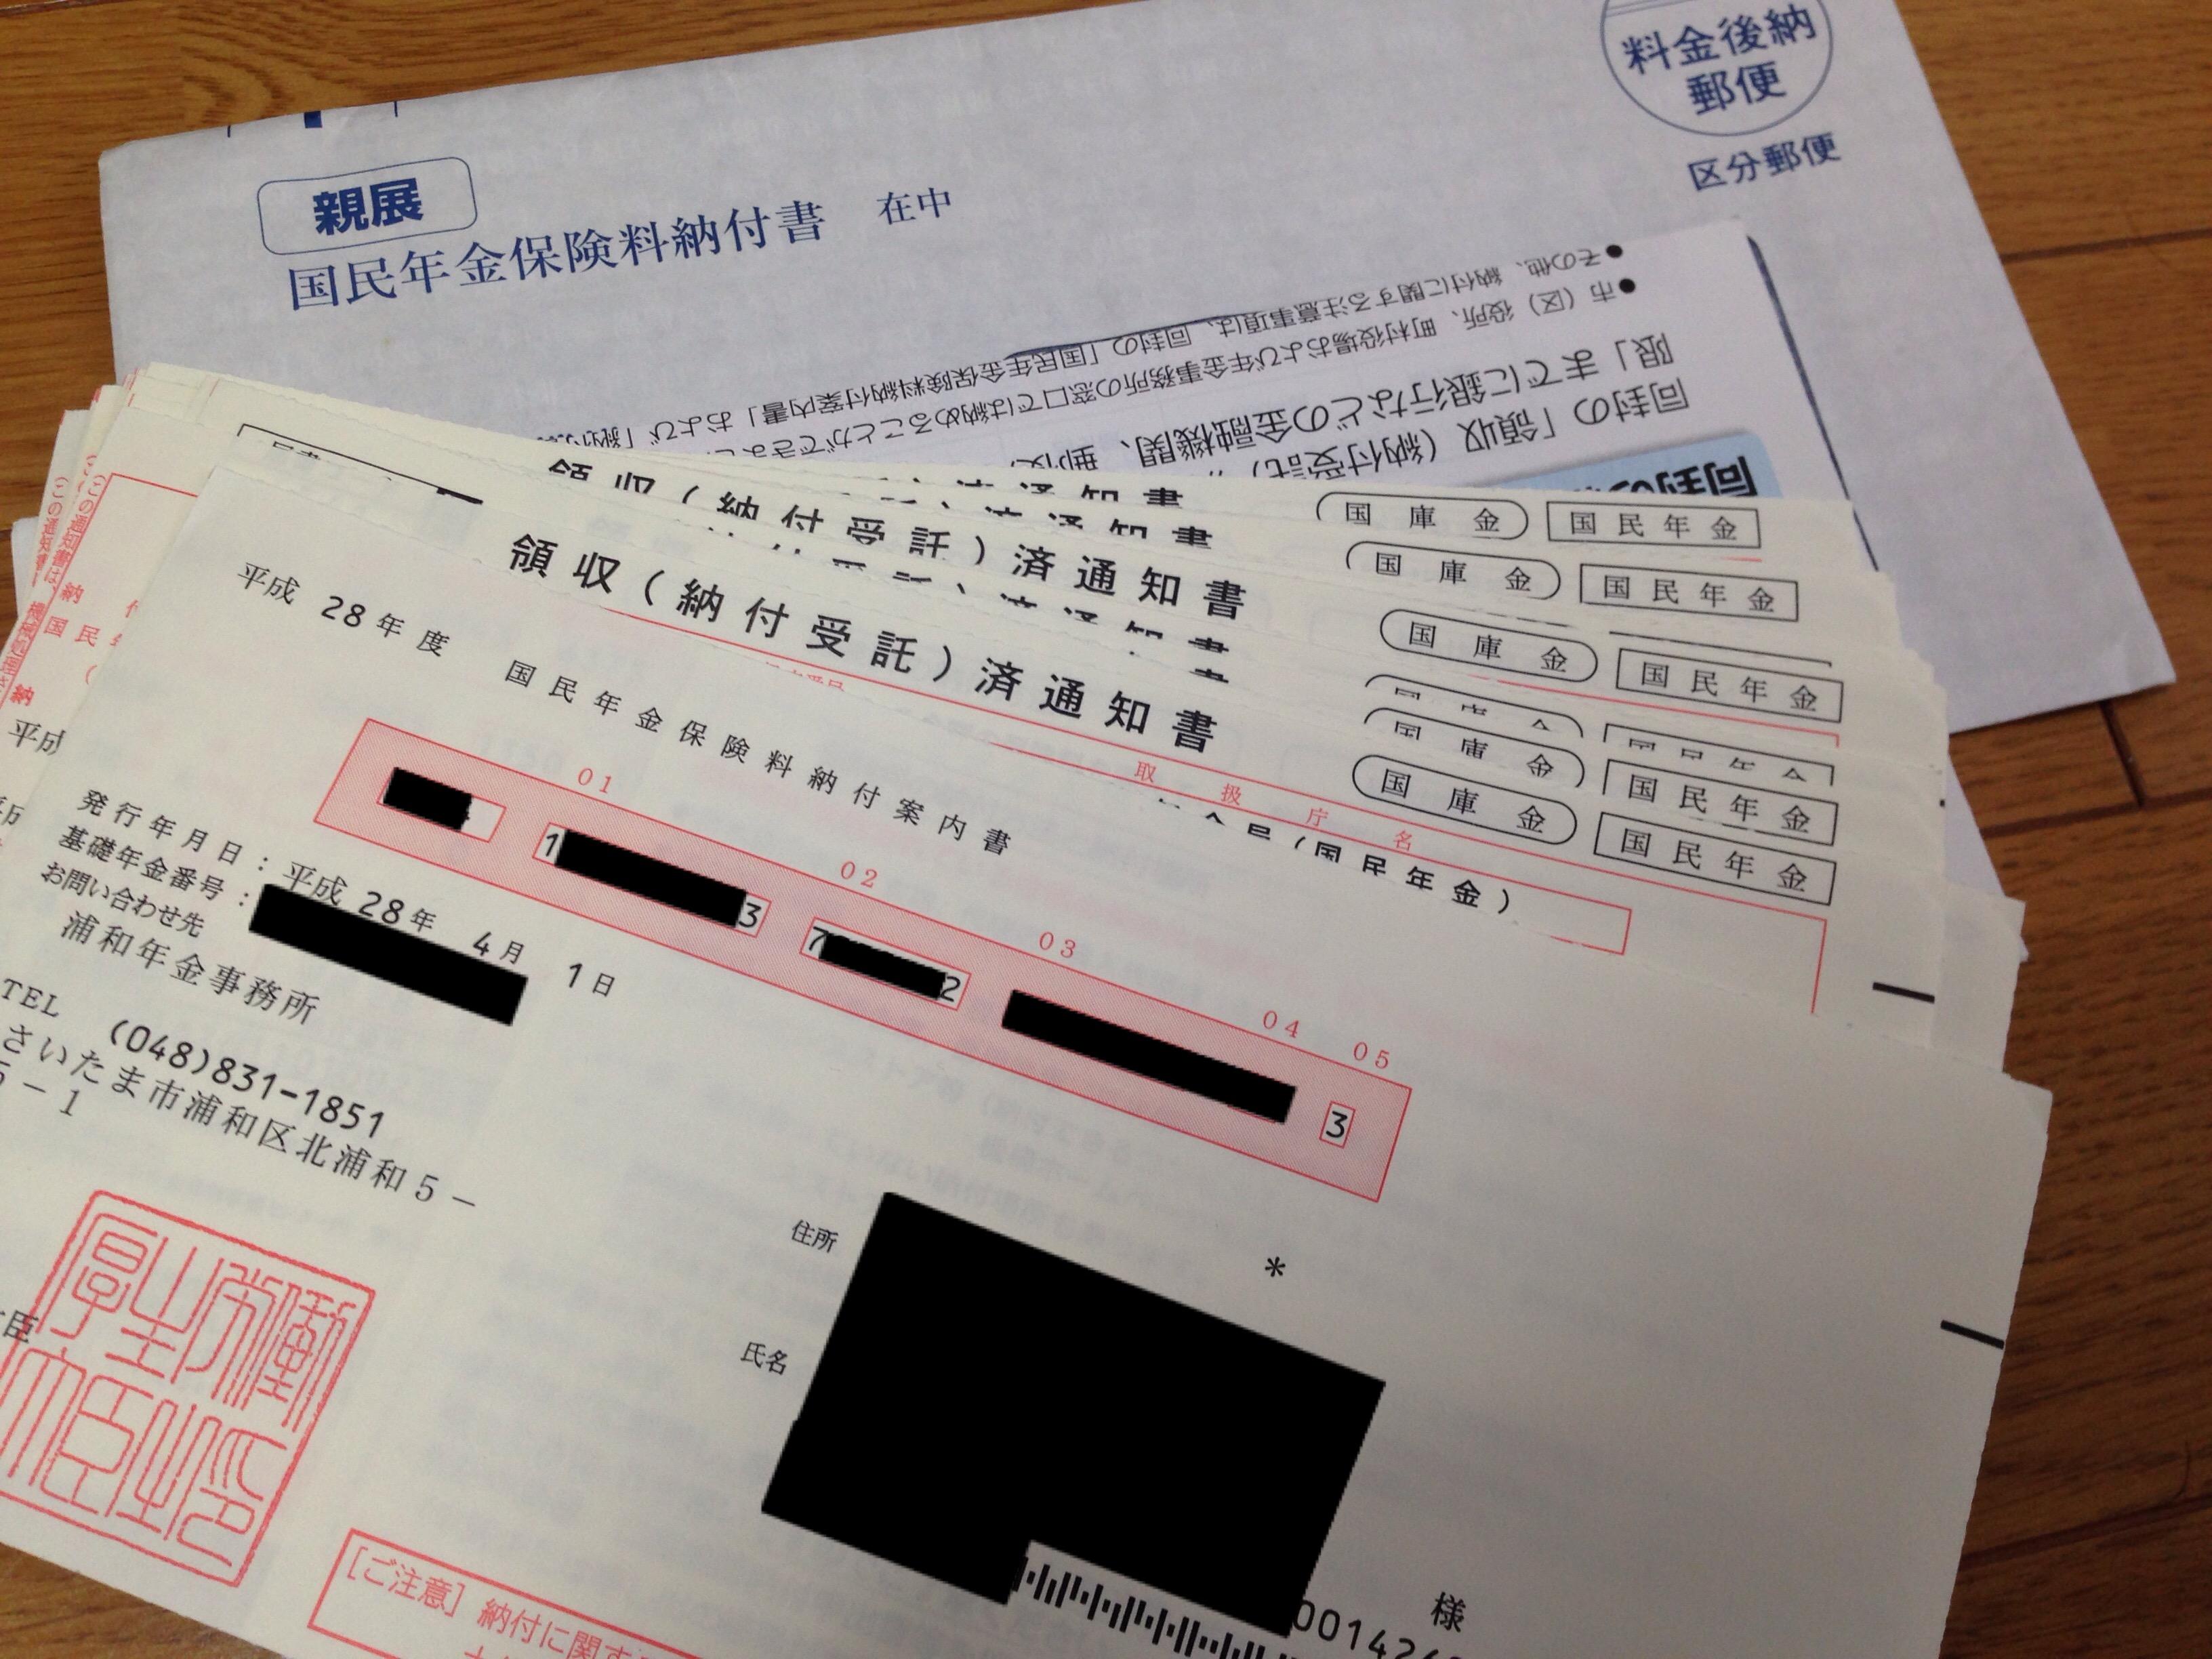 20歳になった人・大学院に進学した人へ 国民年金の学生特例申請を出したほうがイイよ